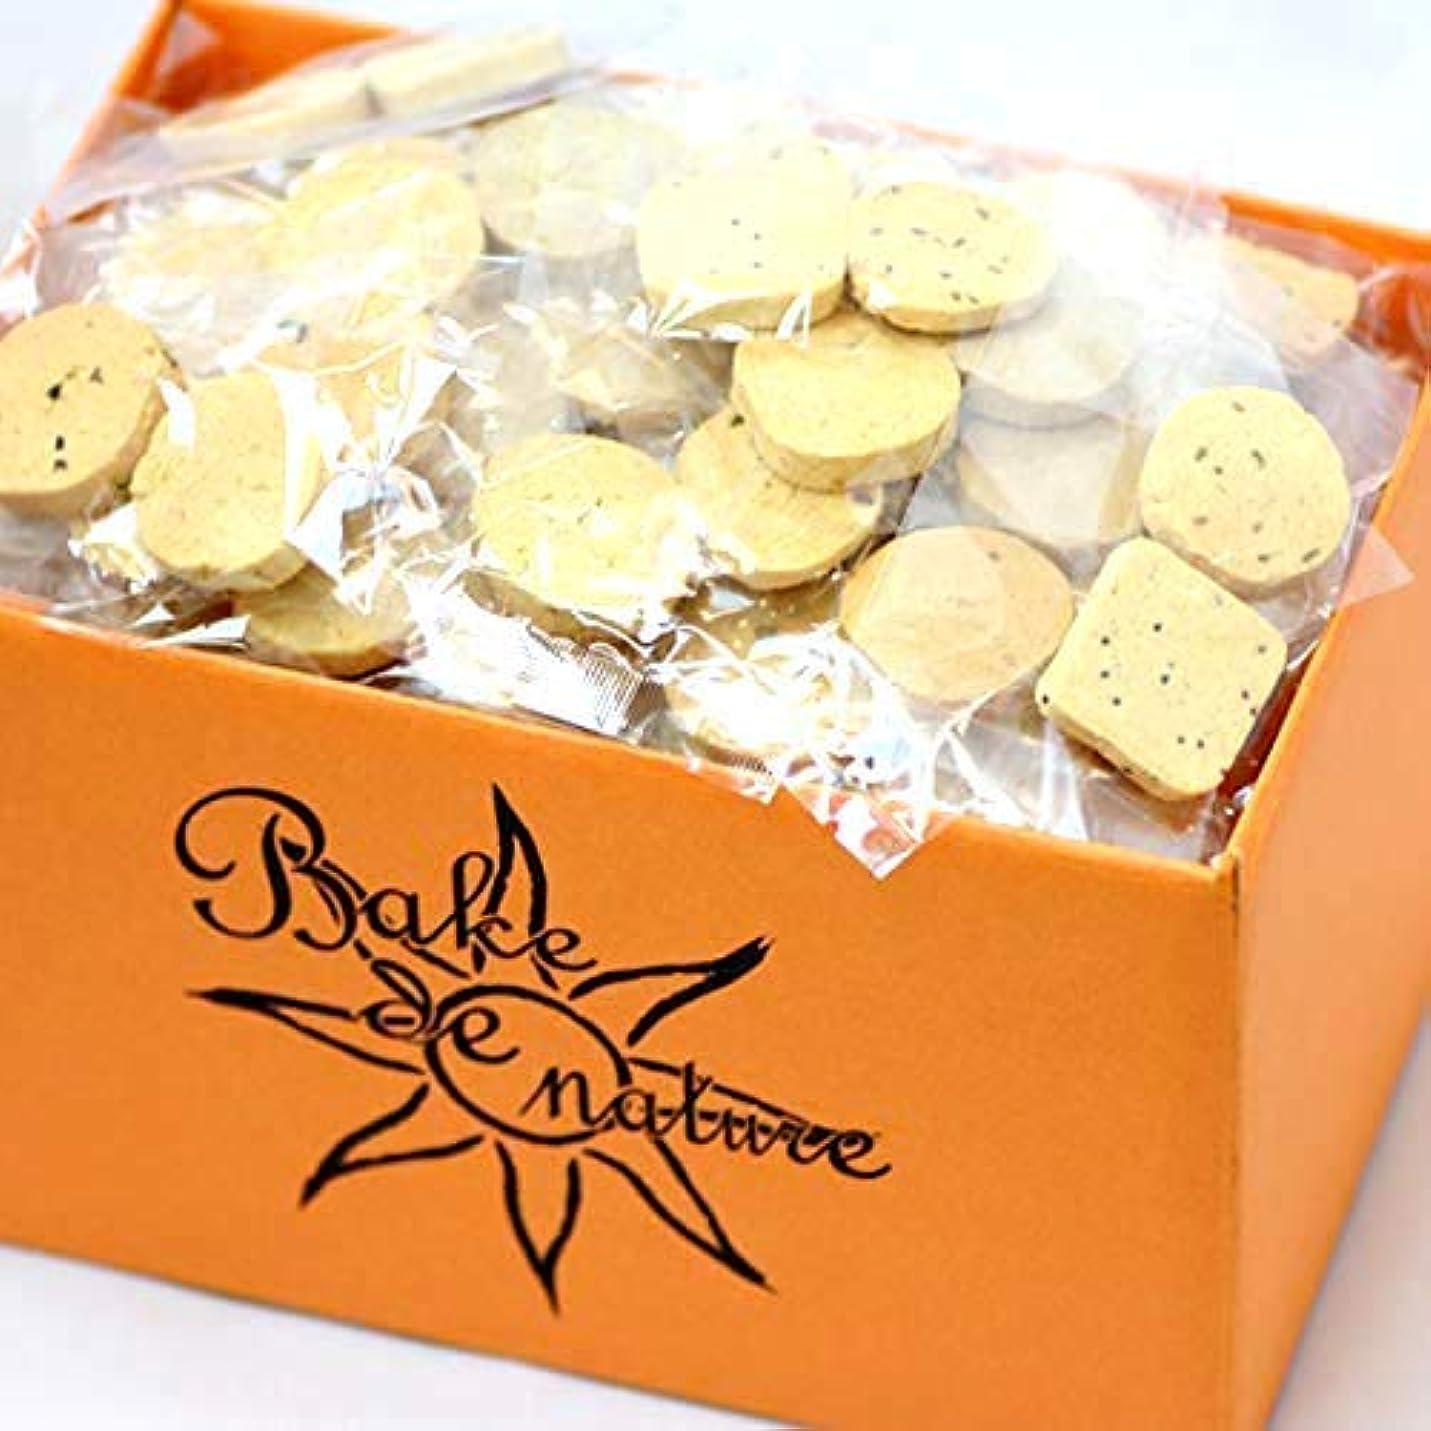 飲料明確な待つスーパーフード豆乳おからクッキー (10種類MIX) 1袋 1kg (個包装) 小麦粉不使用のダイエットクッキー